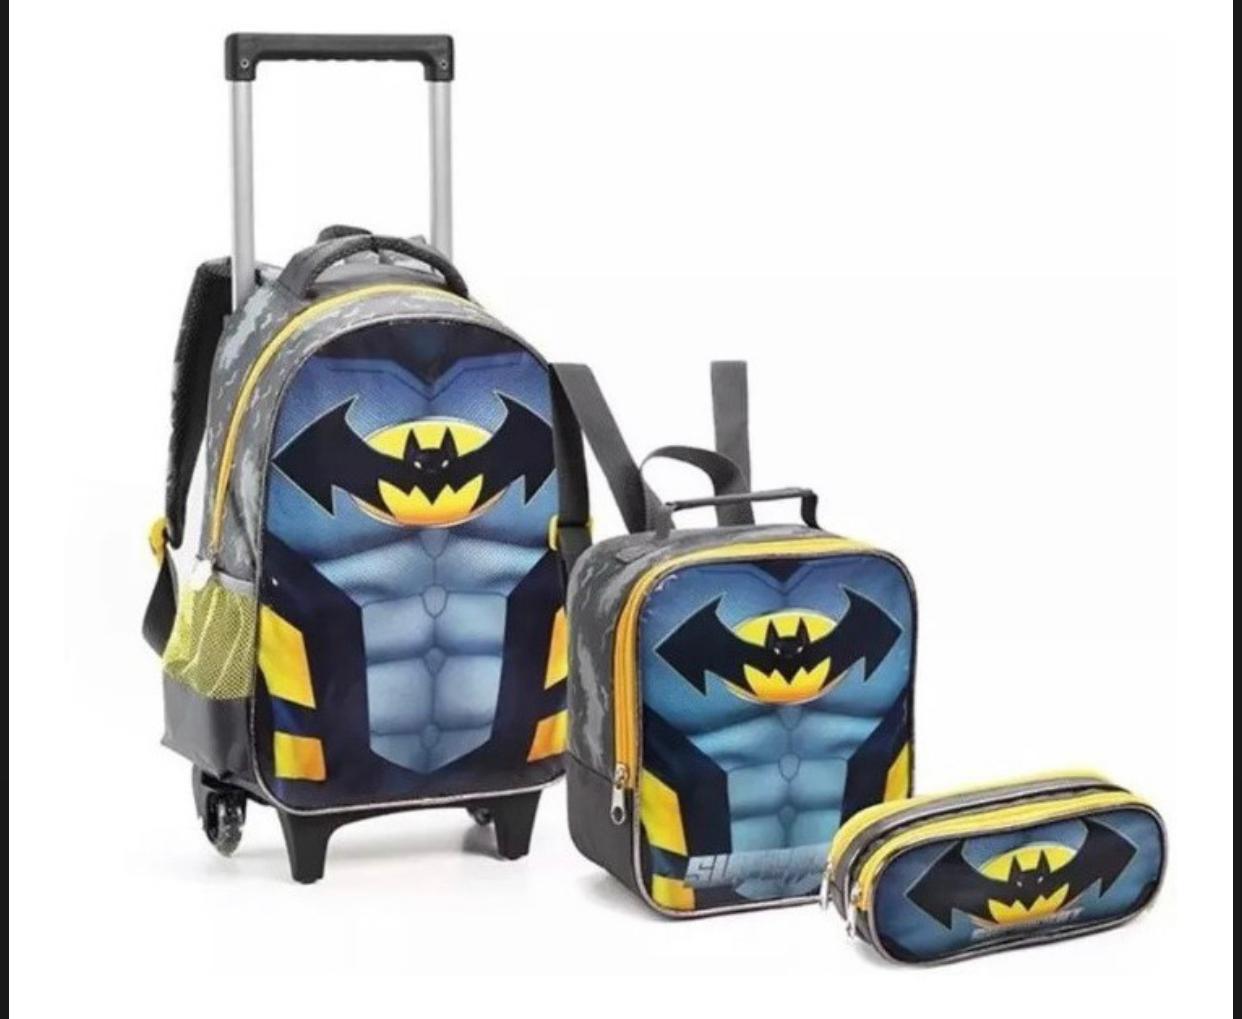 Mochila de Rodinhas Batman com Lancheira e Estojo